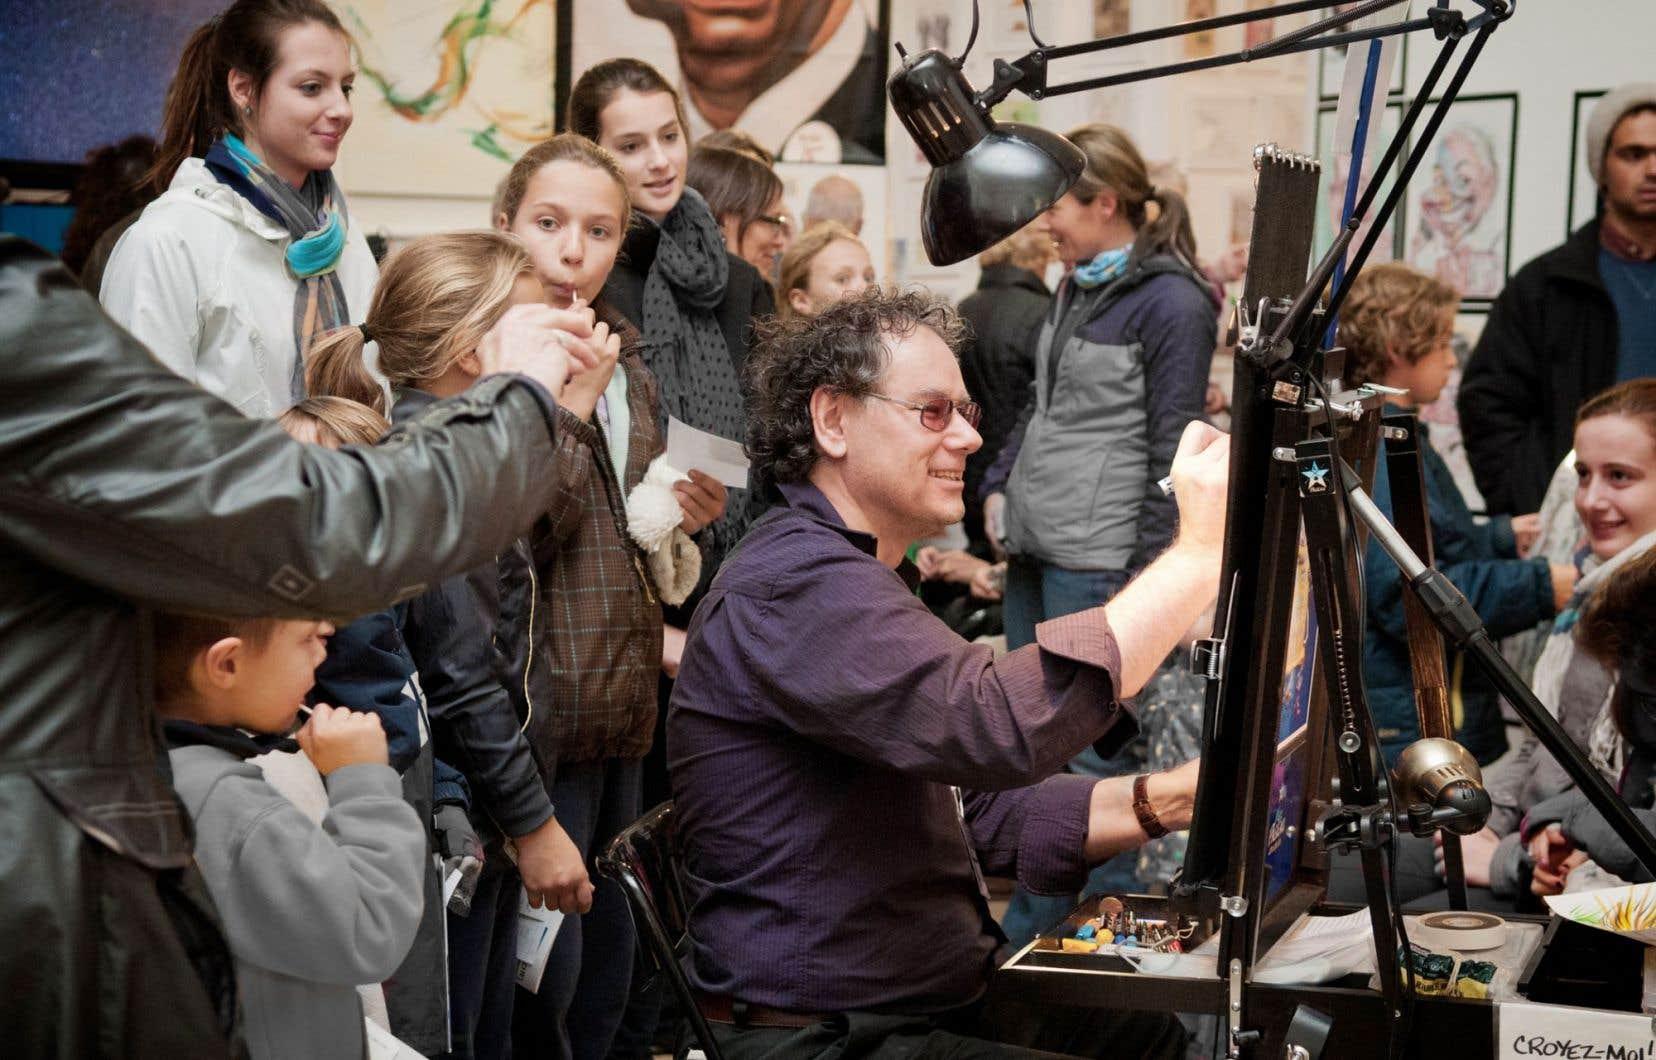 Les visiteurs pourront voir quelques caricaturistes à l'œuvre. Ici, Marc Pageau, illustrateur et auteur de bandes dessinées. Aussi, des activités sont organisées pour les enfants.